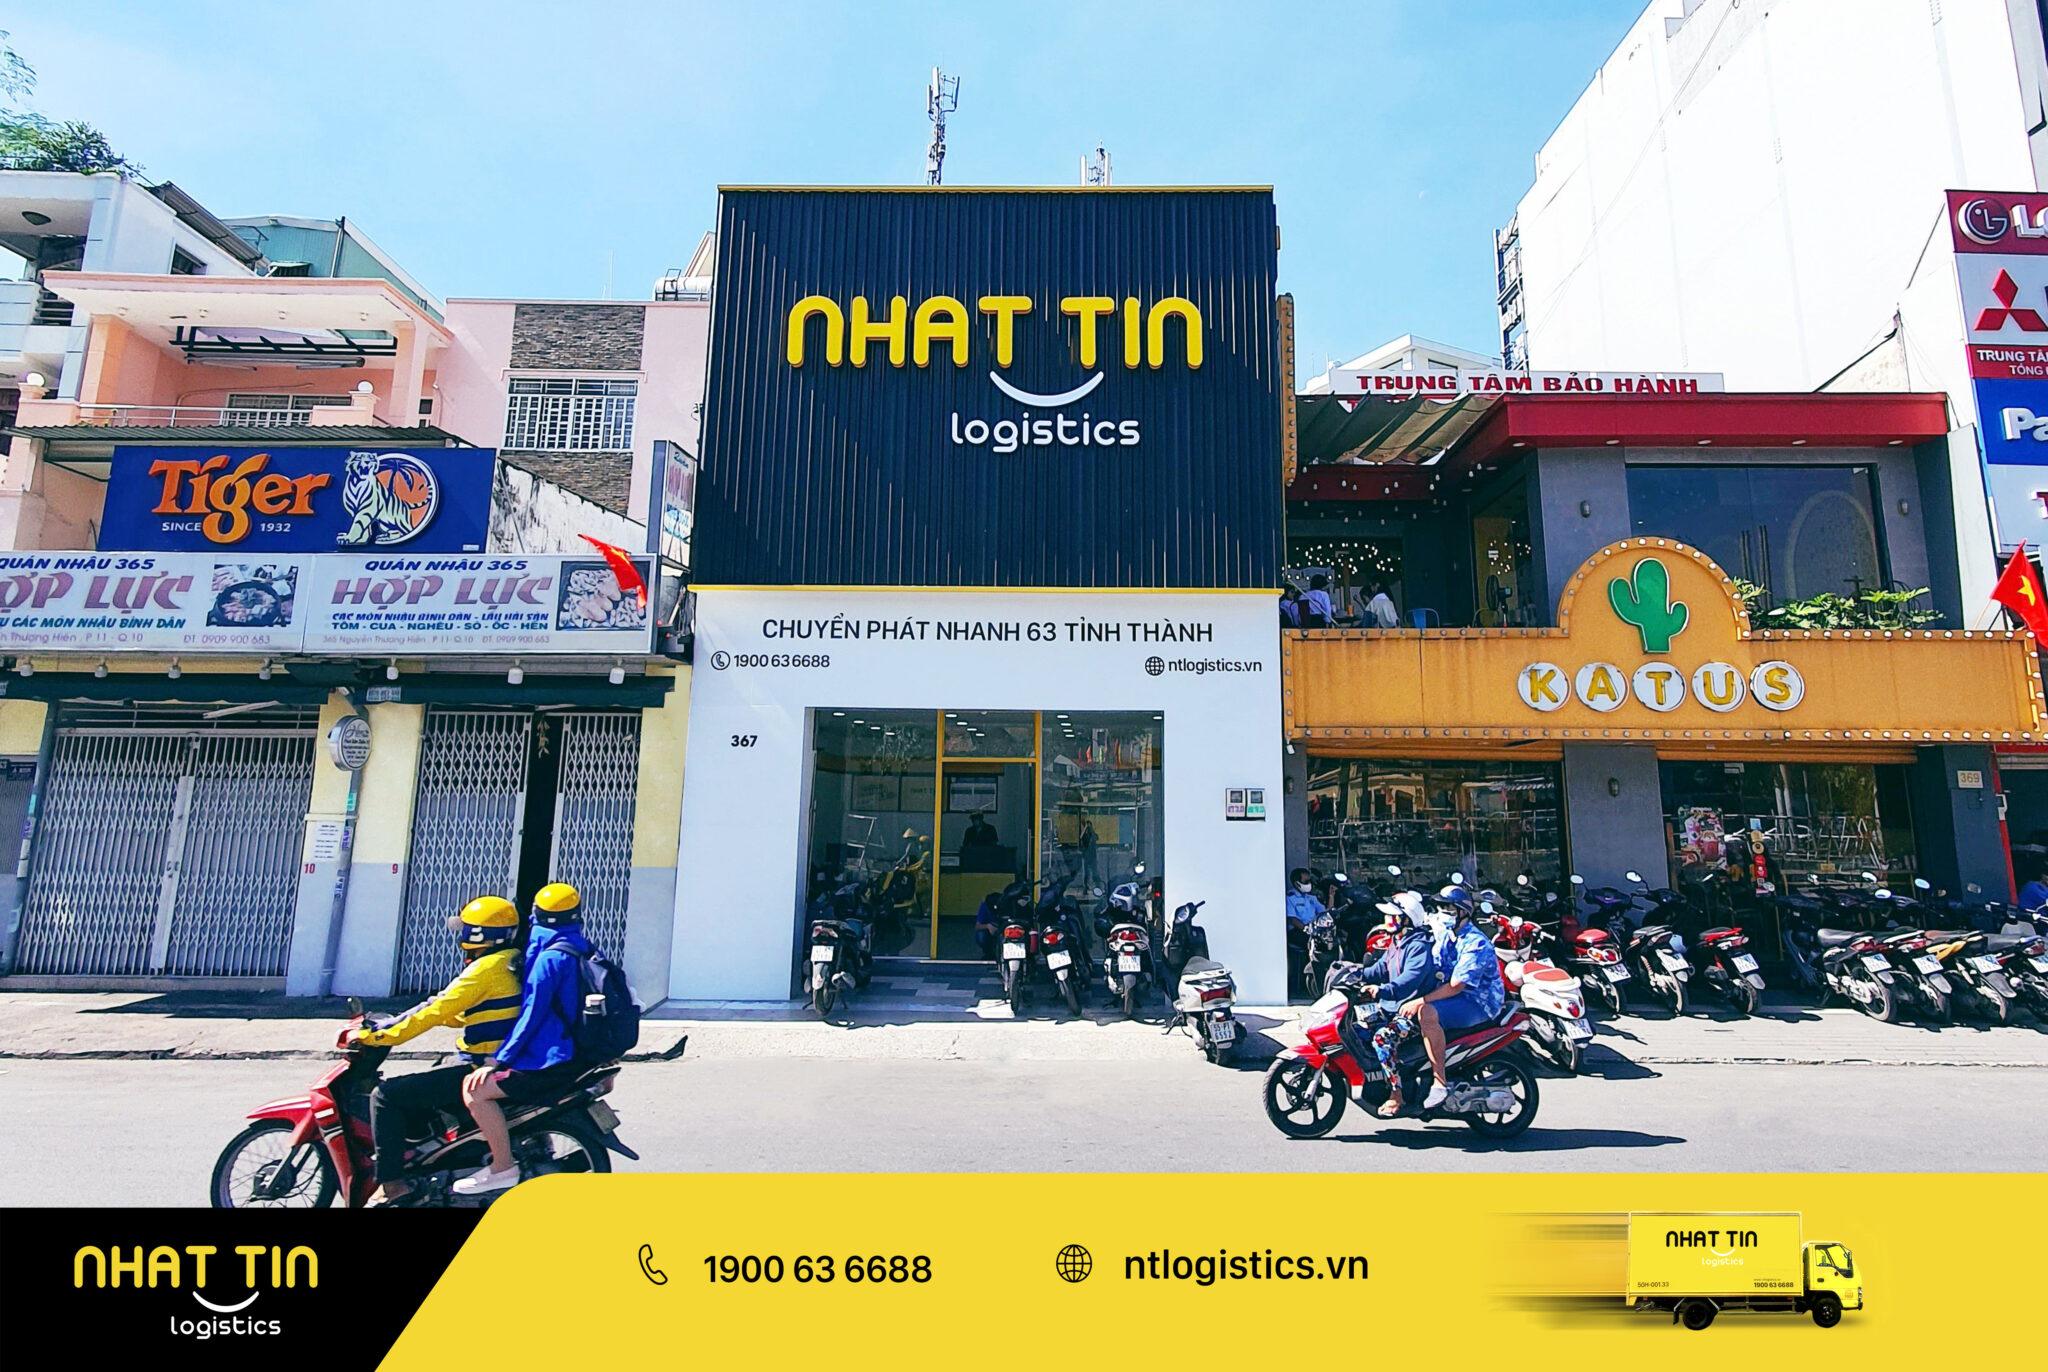 Công ty chuyển phát nhanh Nhất Tín Logistics - Bưu cục Tân Định, 4A Lý Văn Phức, Phường Tân Định, Quận 1